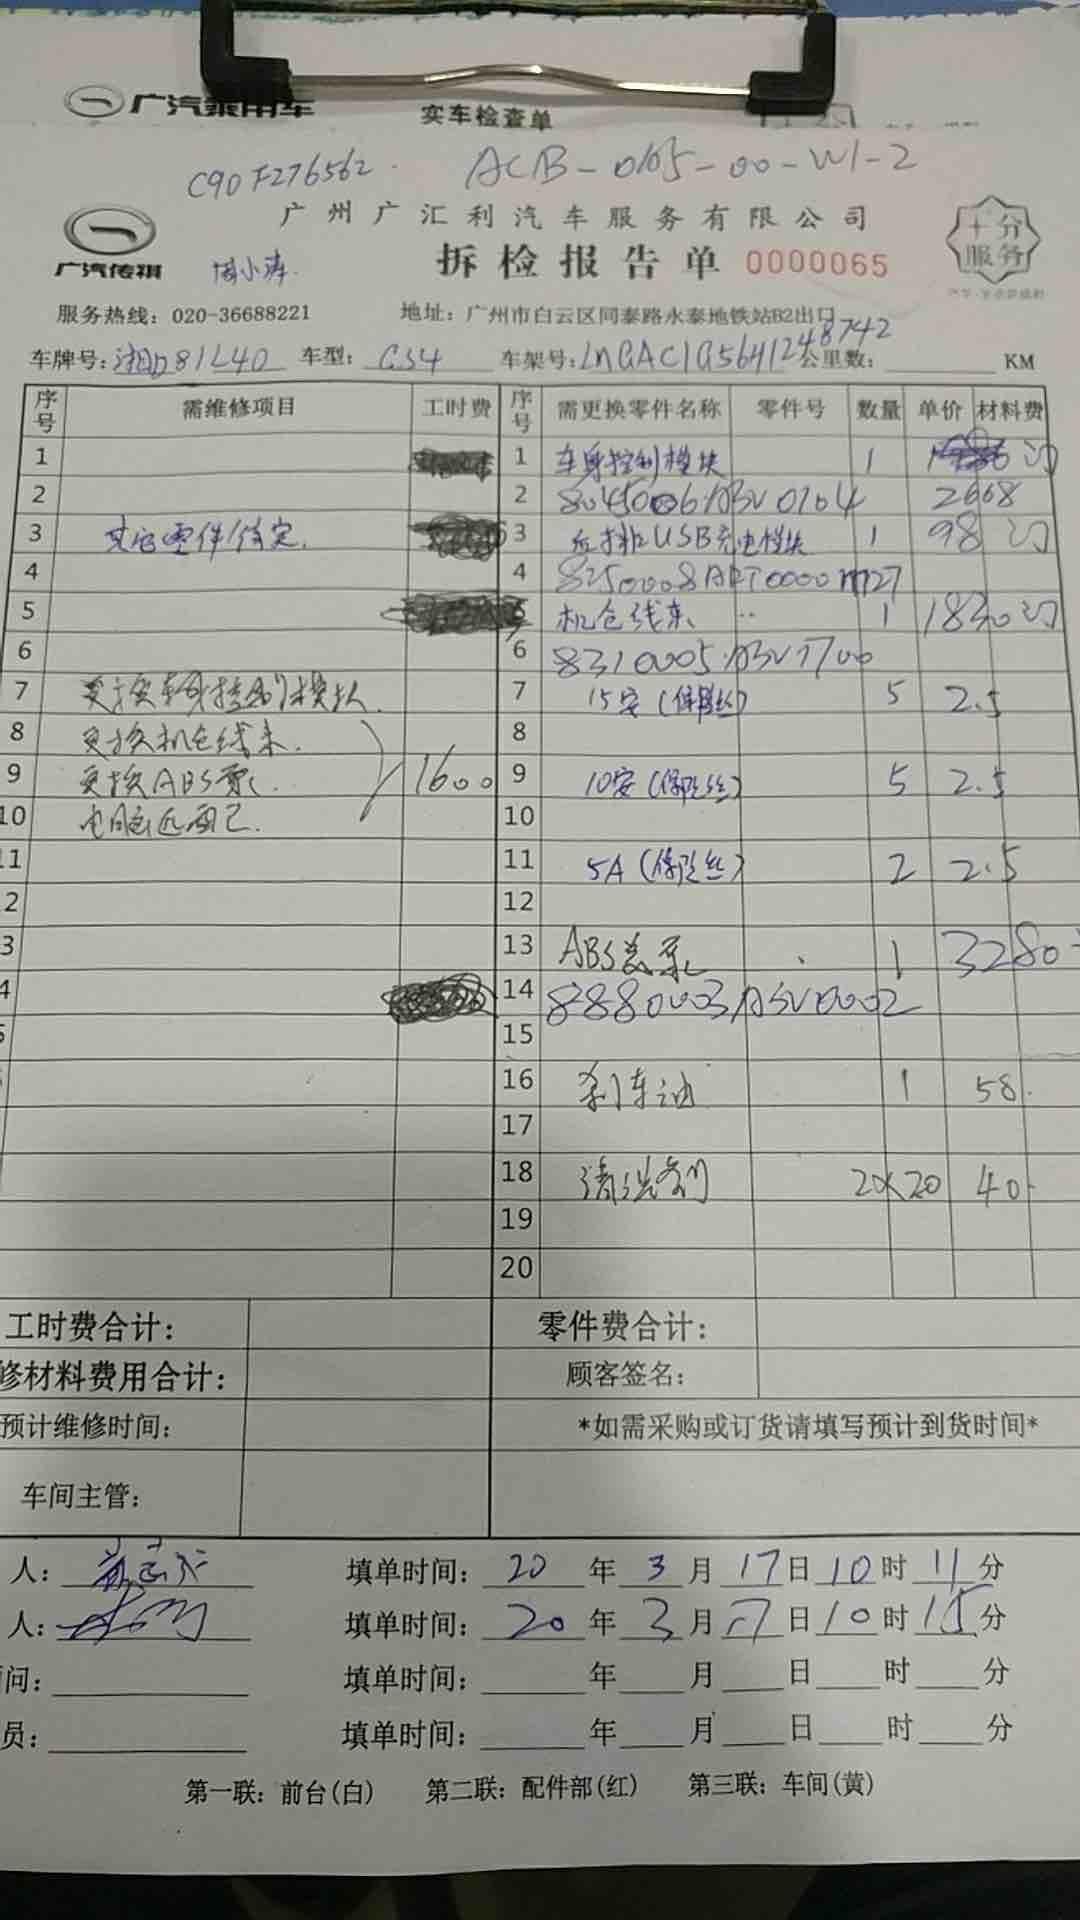 救援搭电gs4烧坏大部分电路,广州广汇利店